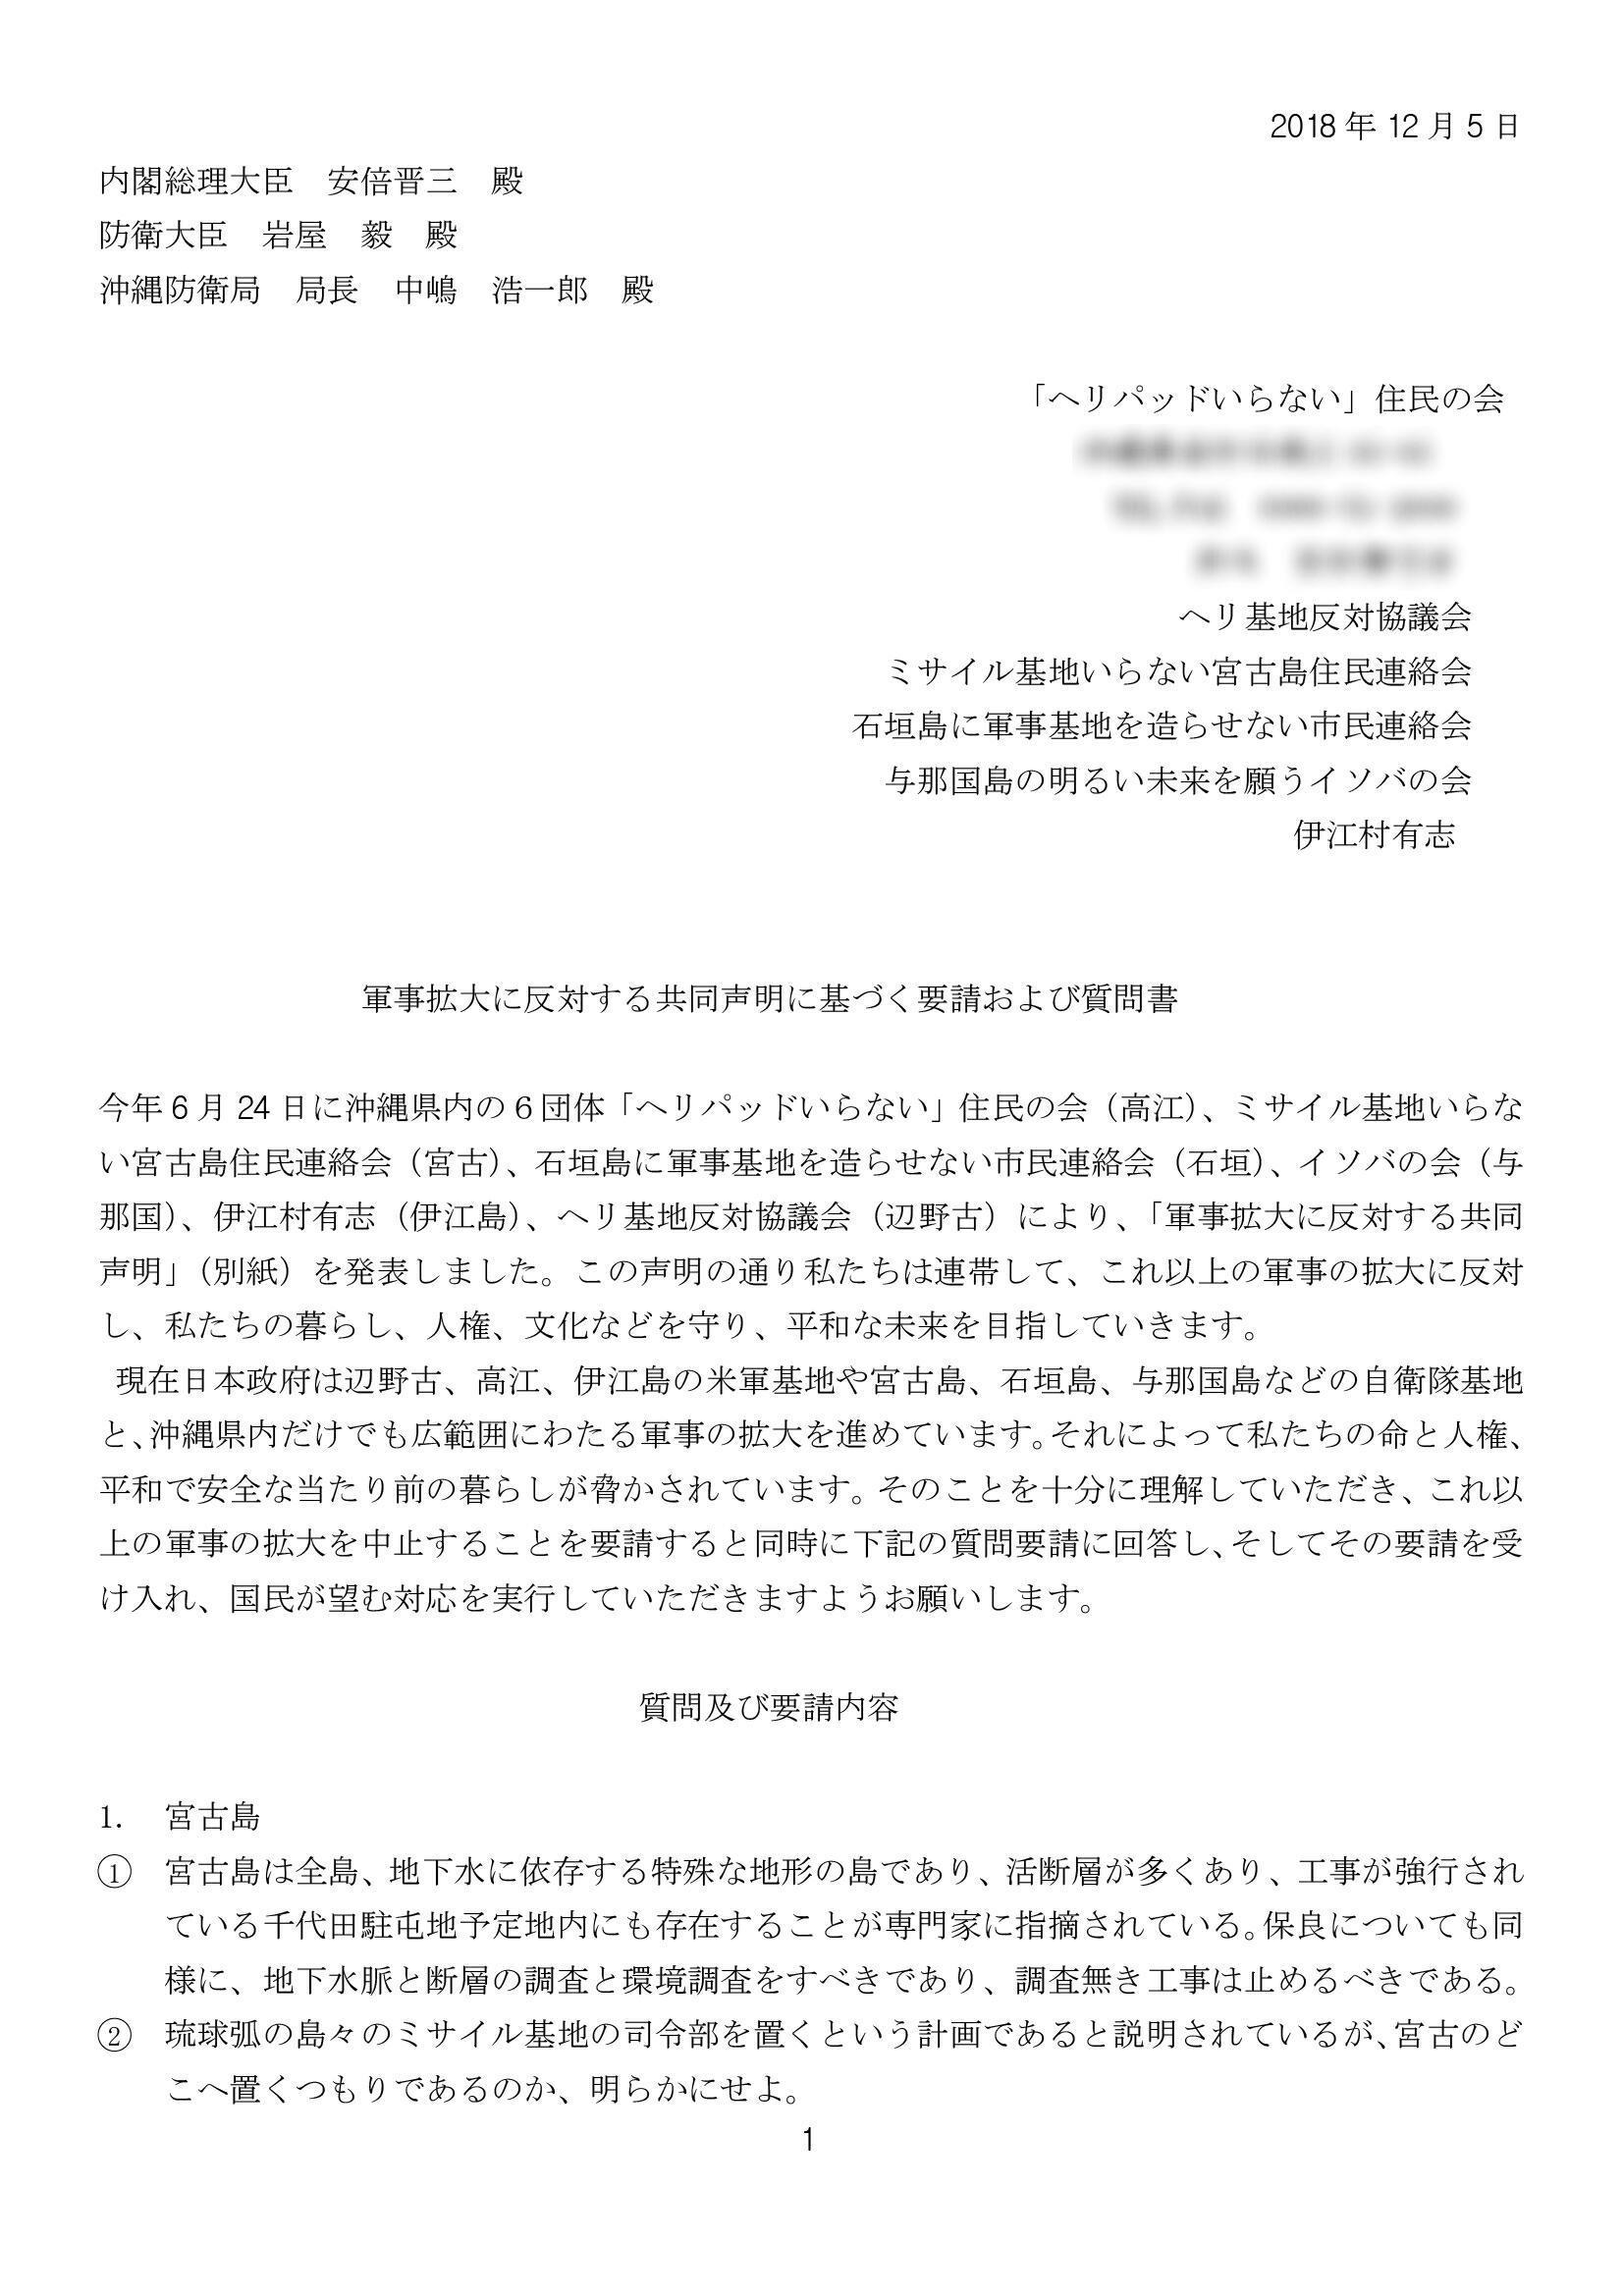 12月政府交渉要請書0001a